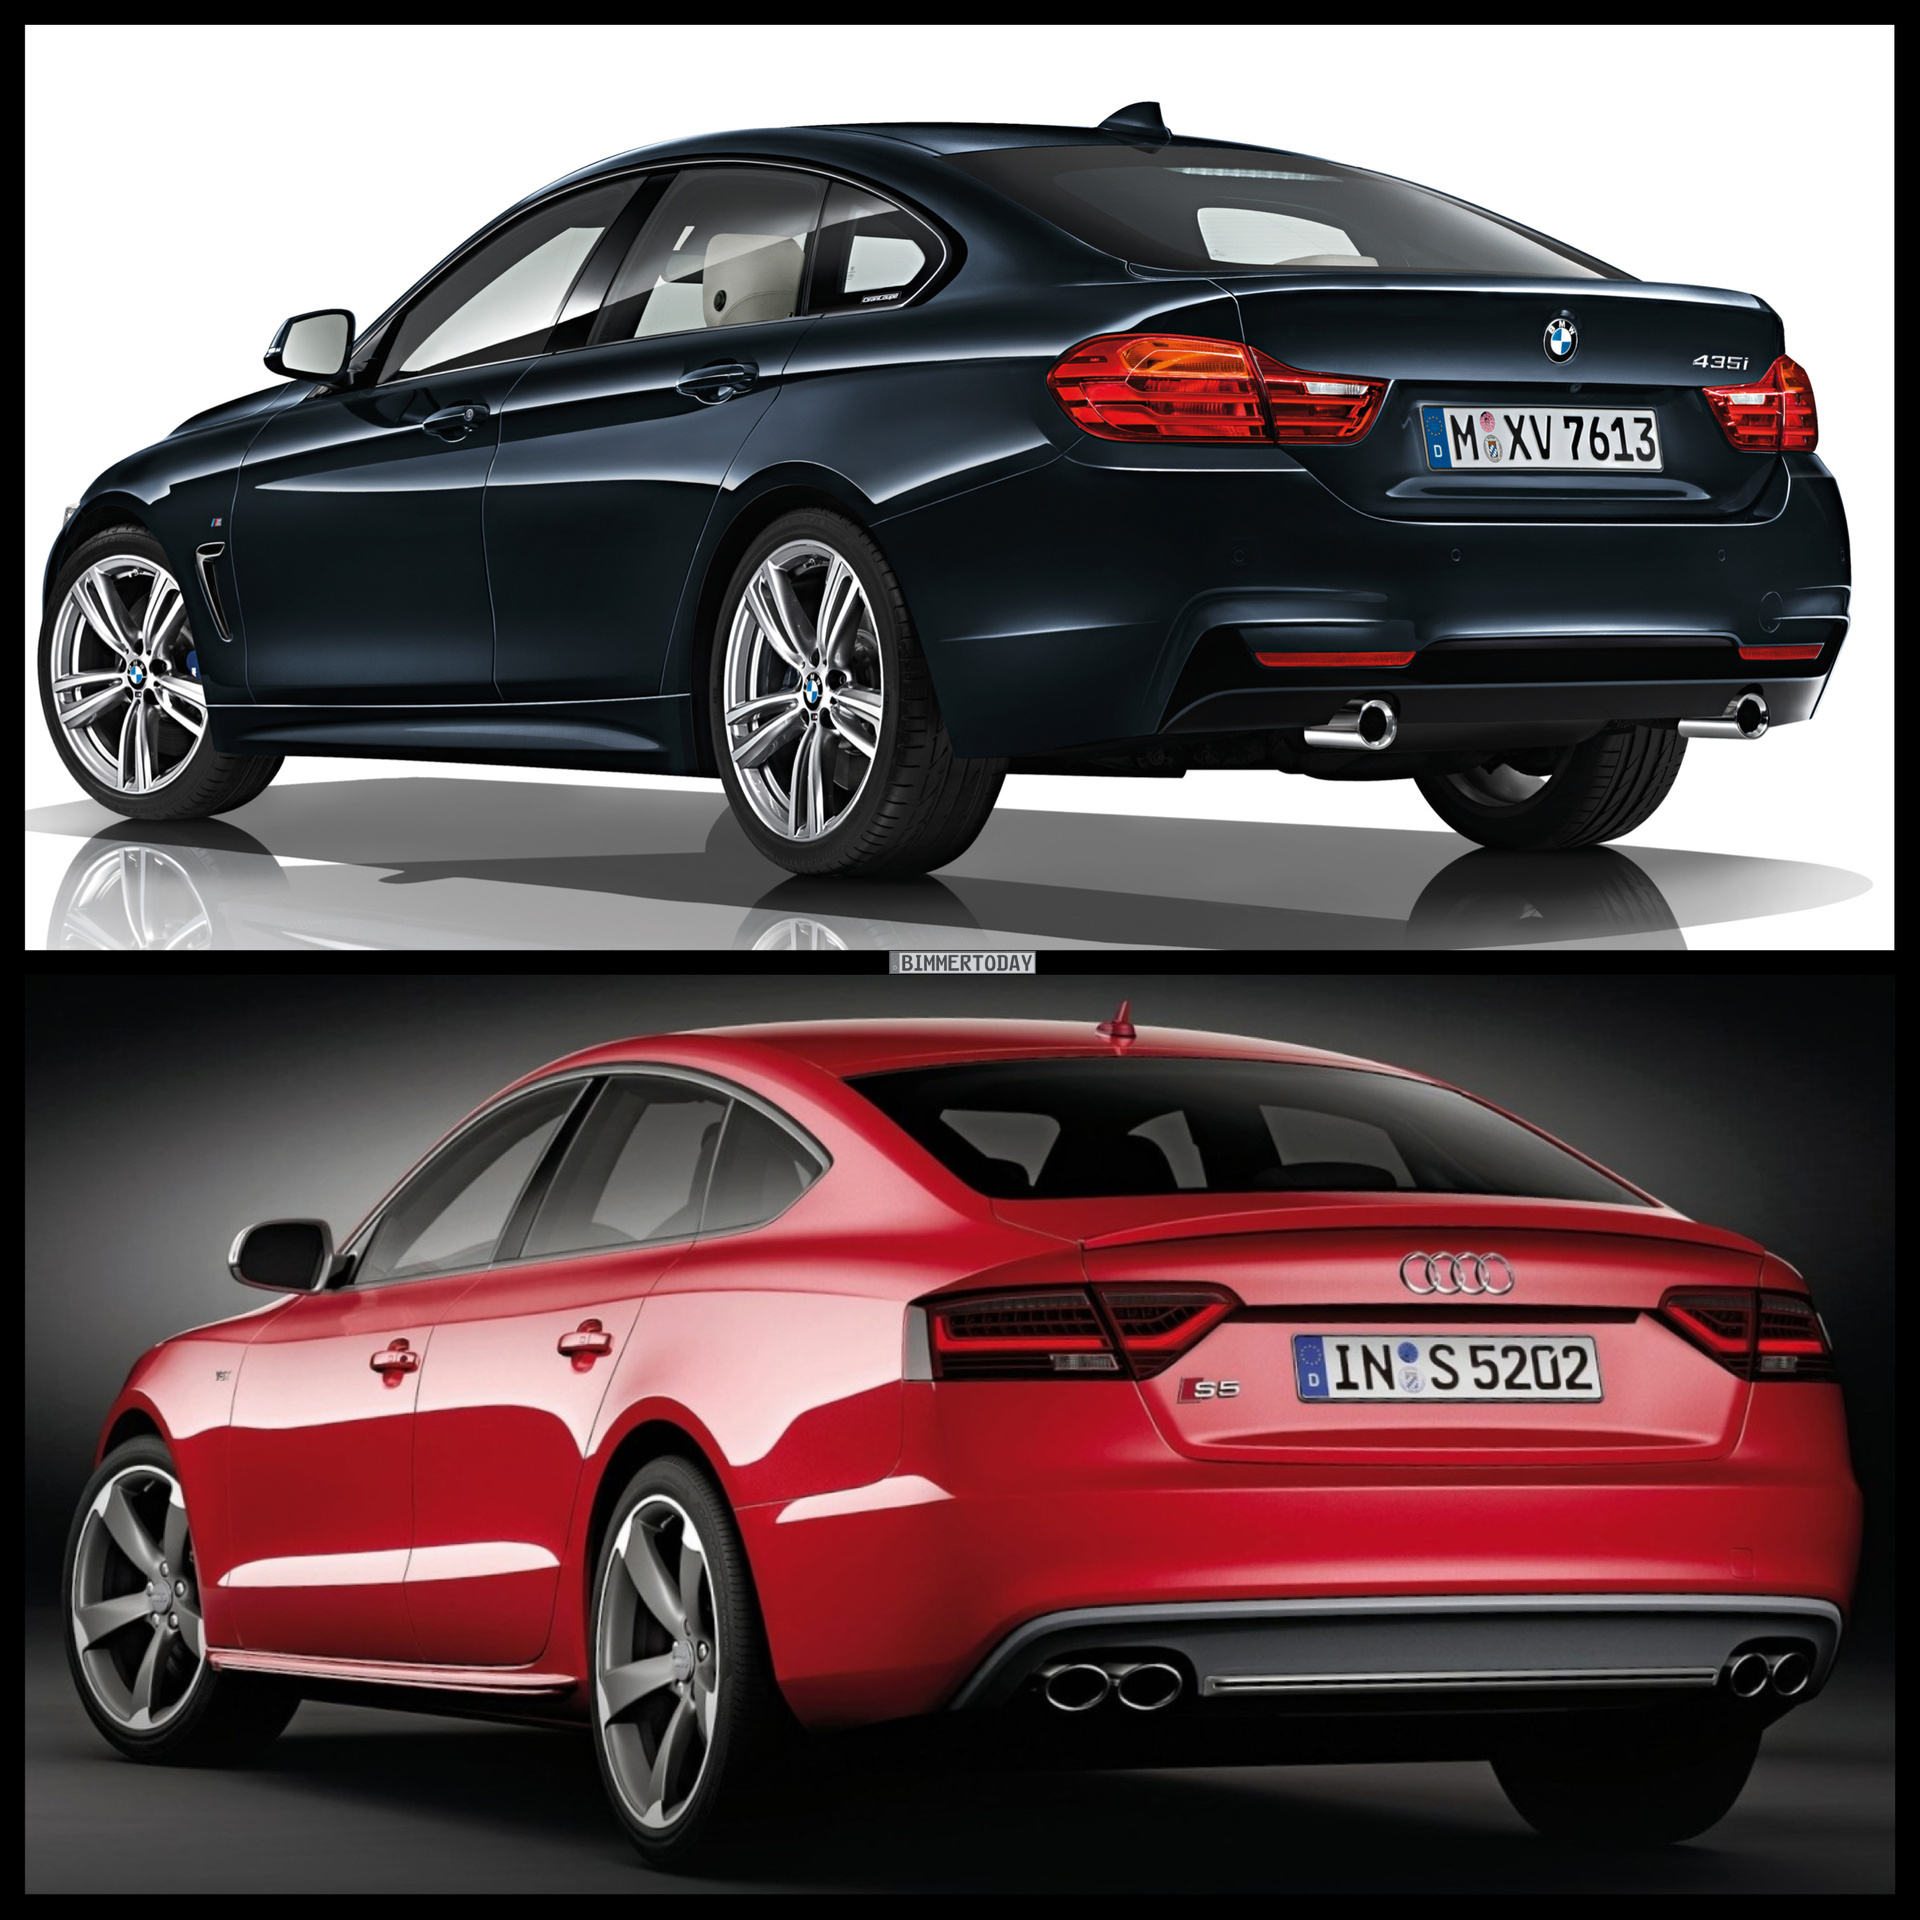 Photo Comparison: BMW 4 Series Gran Coupe vs Audi S5 Sportback